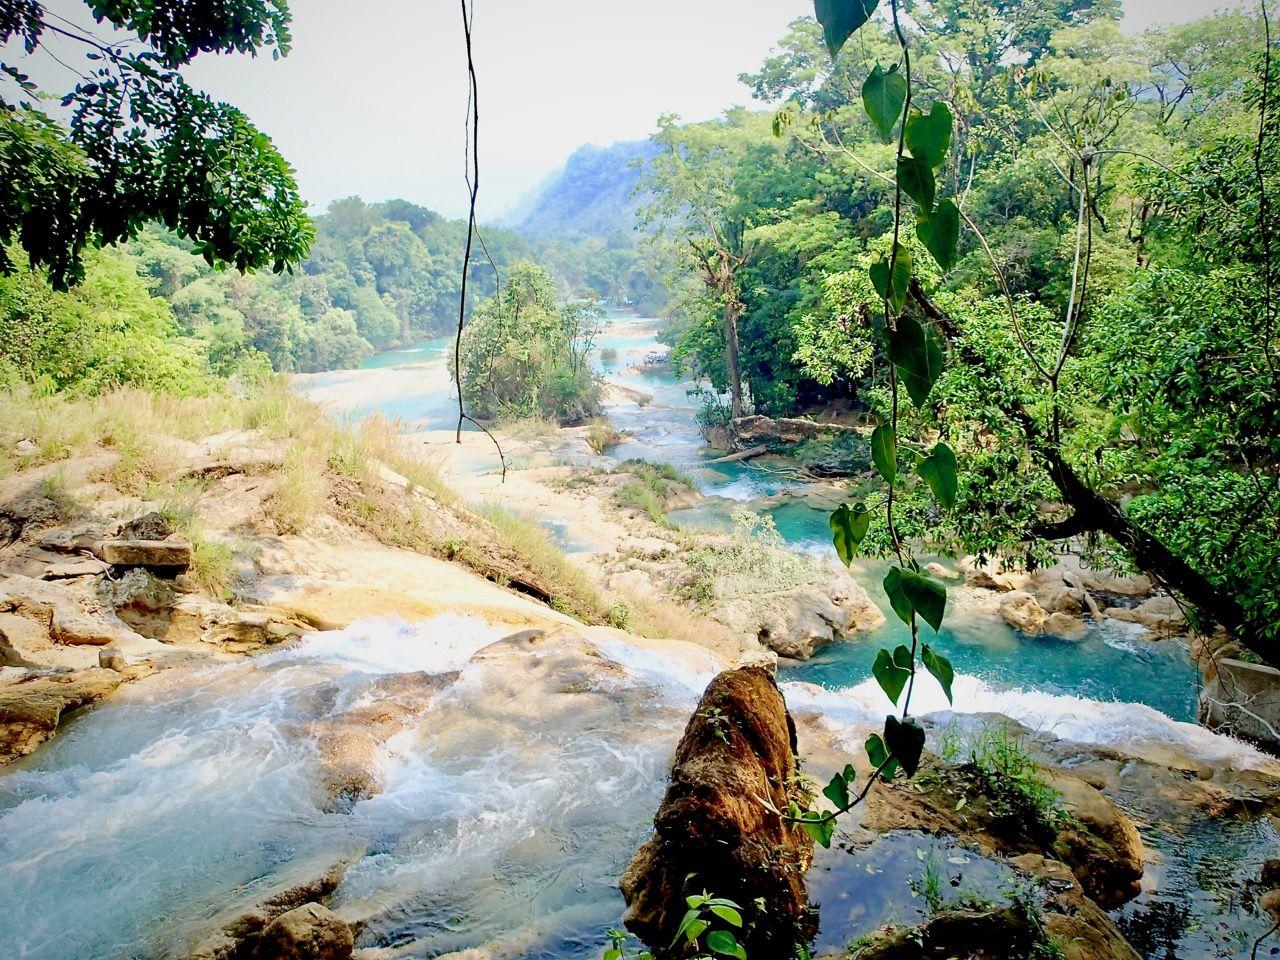 Agua Azul je jedním znejznámějších turistických cílů Chiapas